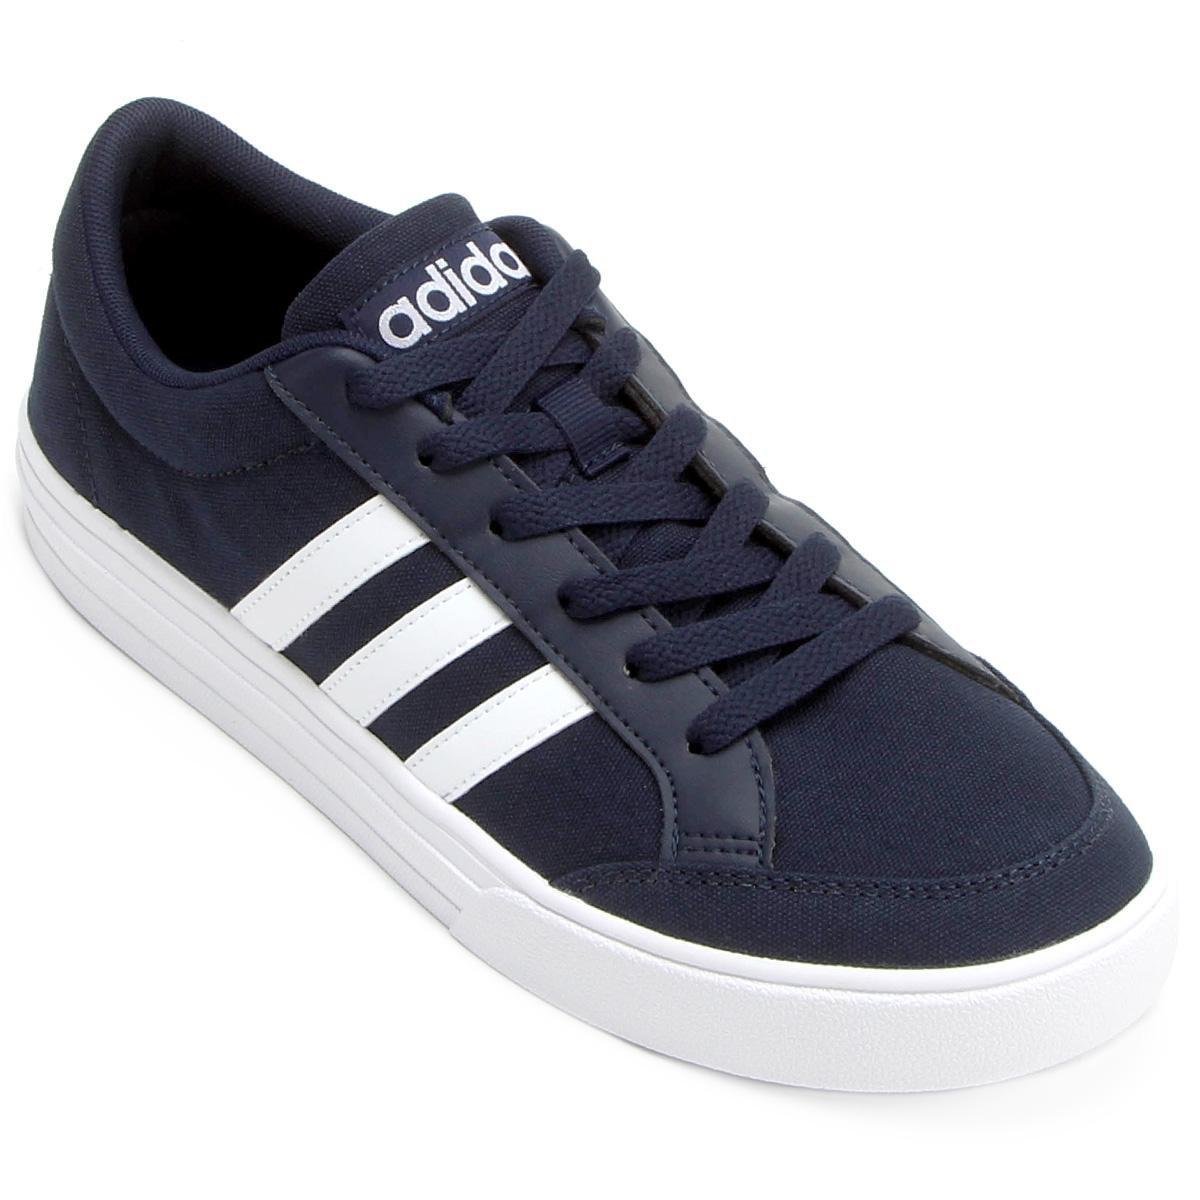 4c96663f651 Tênis Adidas Vs Set Masculino - Compre Agora